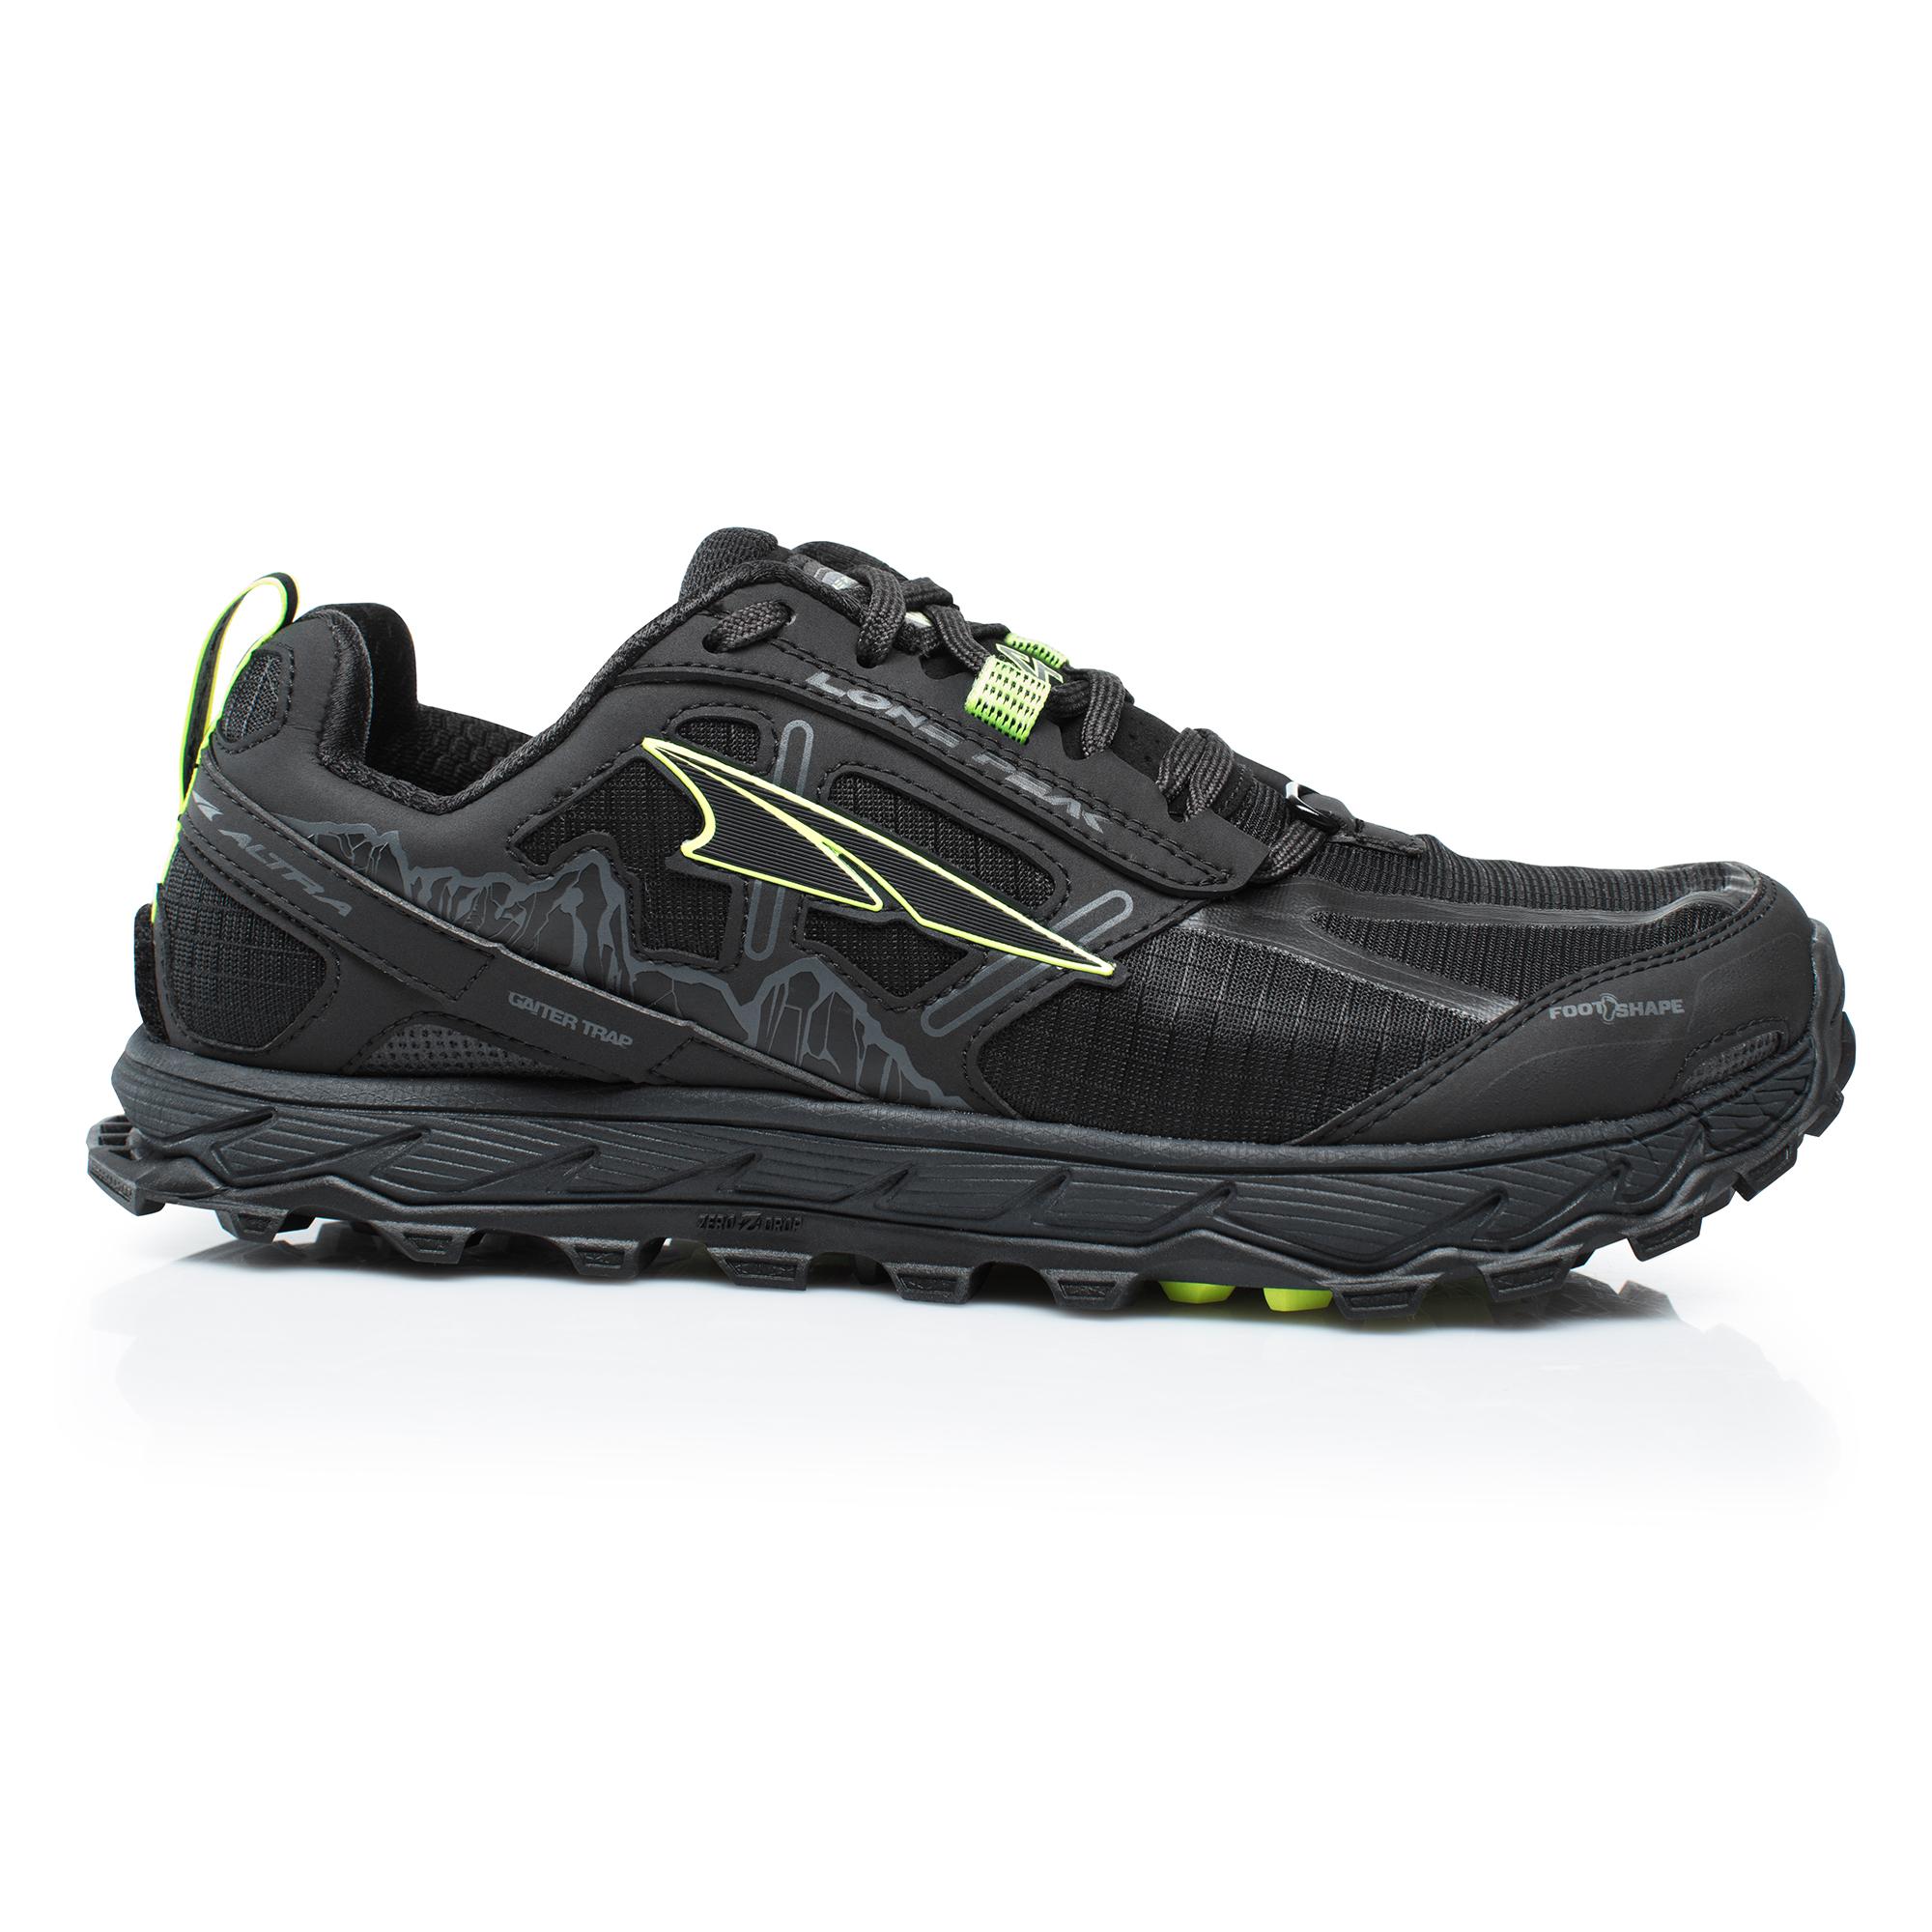 Altra Trail Women's Lone Peak 4 Trail Altra Running Shoe Black 482da6